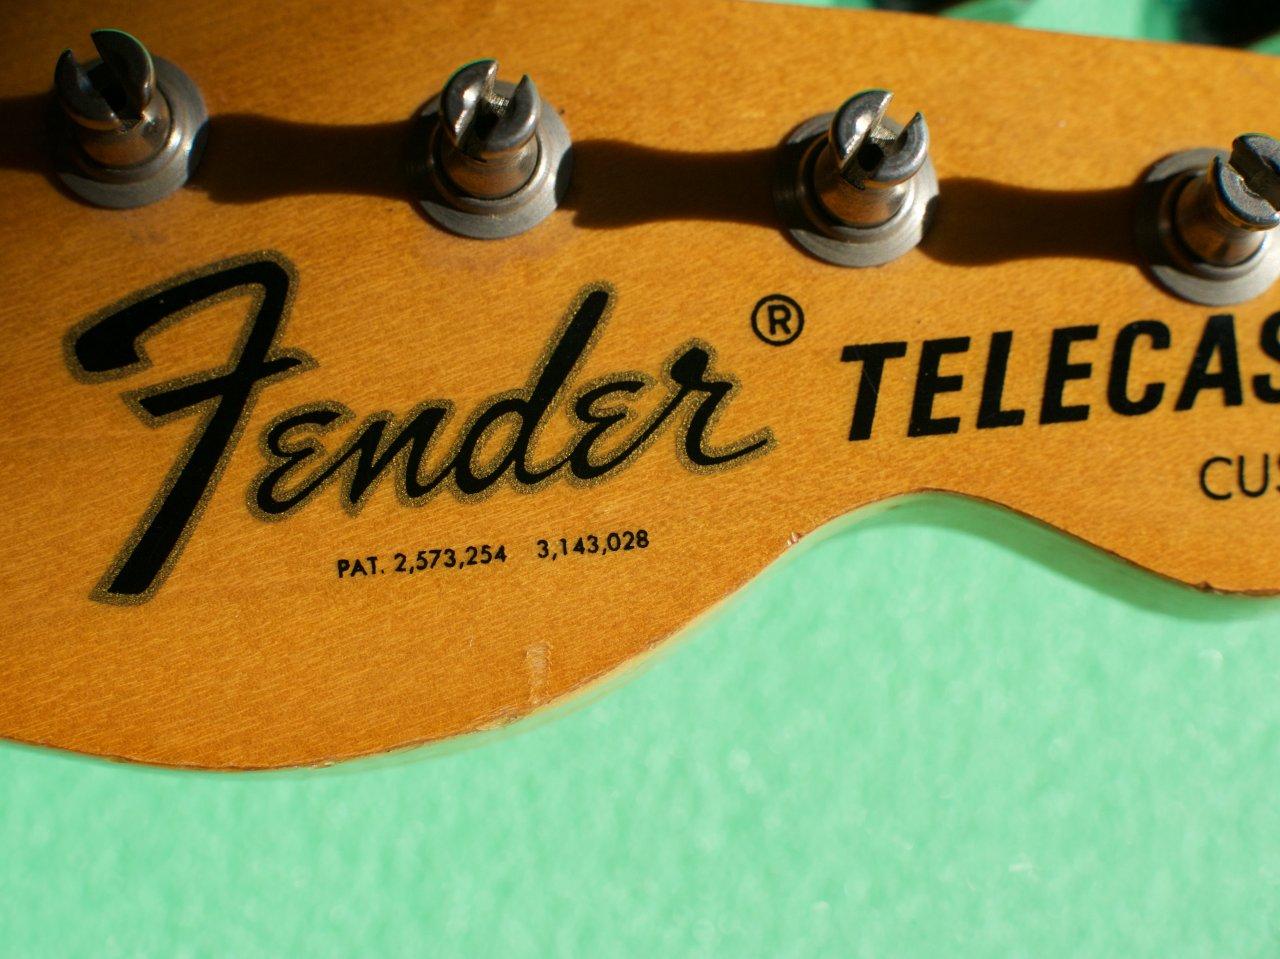 Telecaster Custom 1973 Kopfplatte.jpg